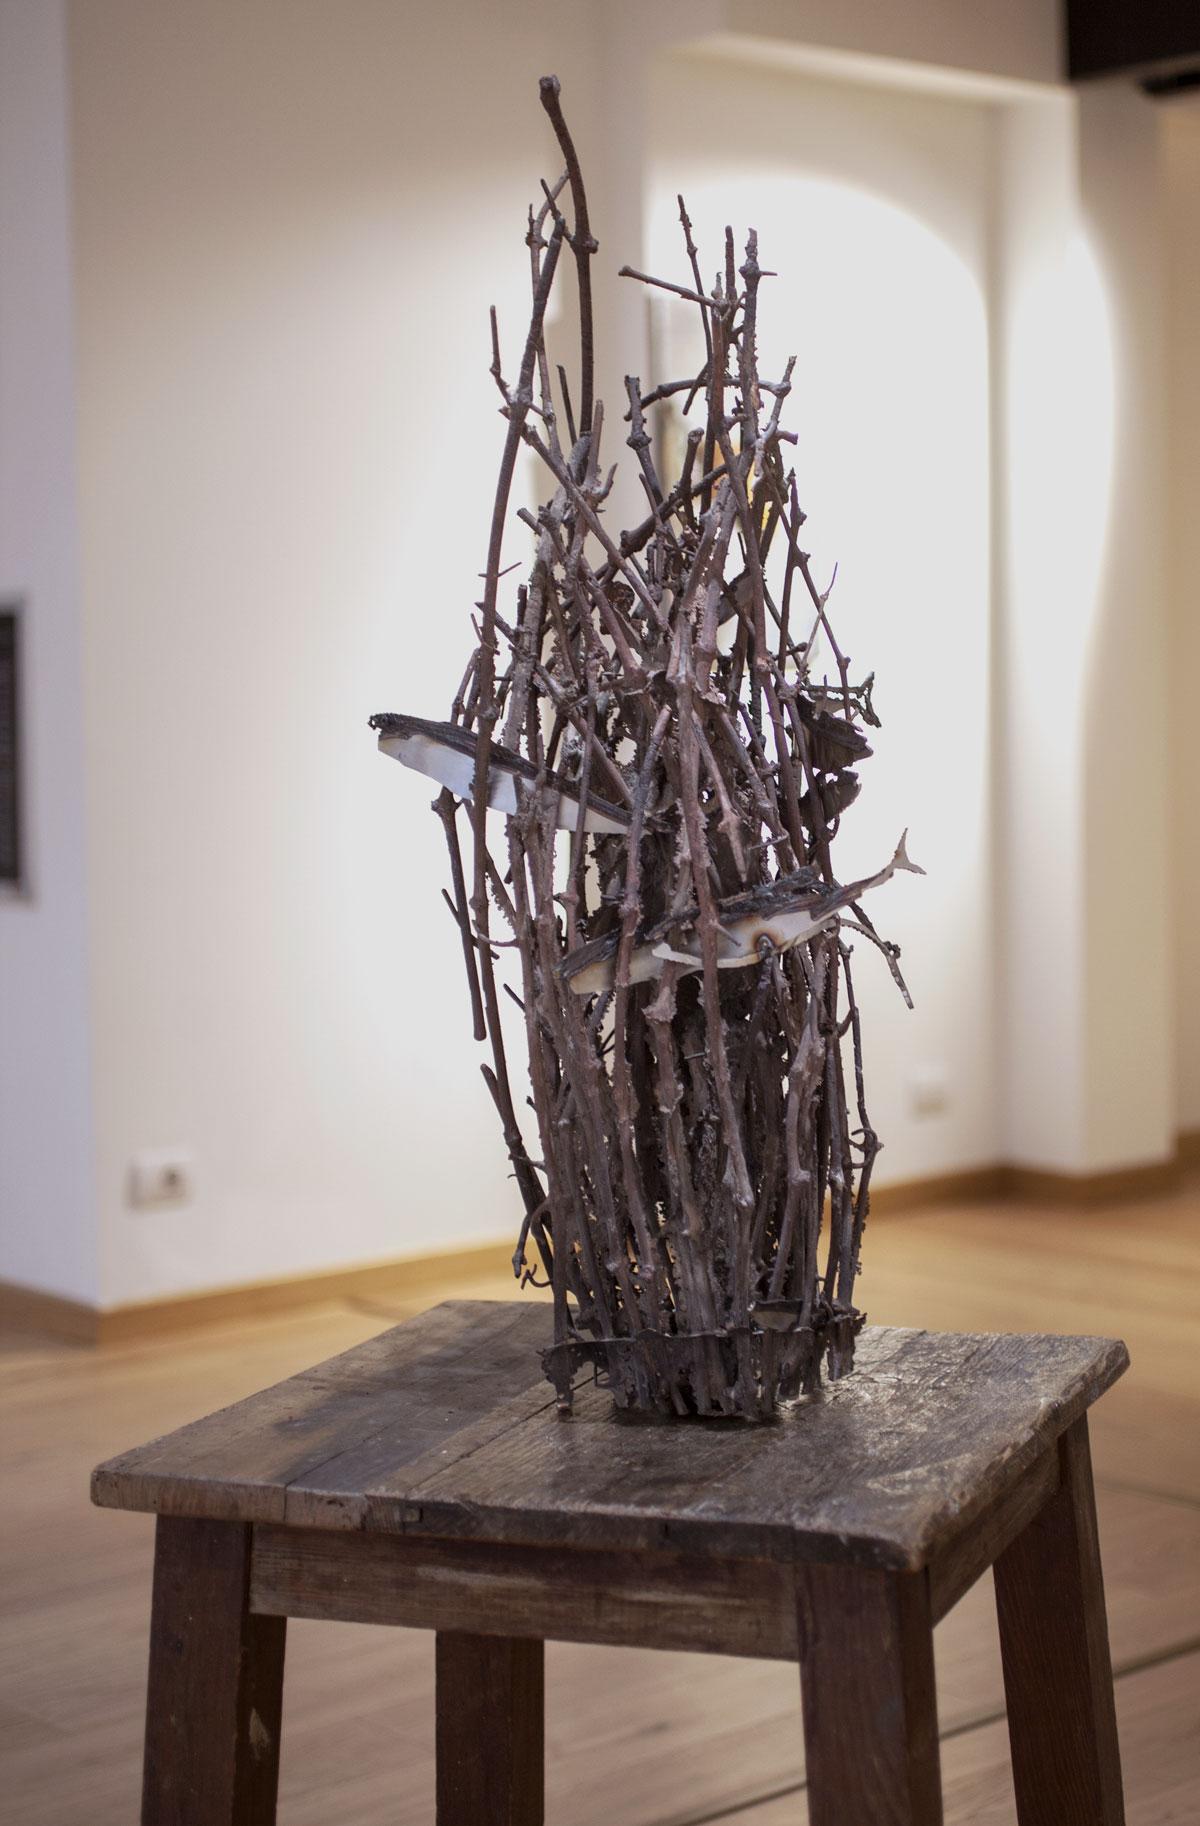 TRALCI,  scultura. tecnica mista bronzo e fusione in bronzo, 130x210cm, 2018